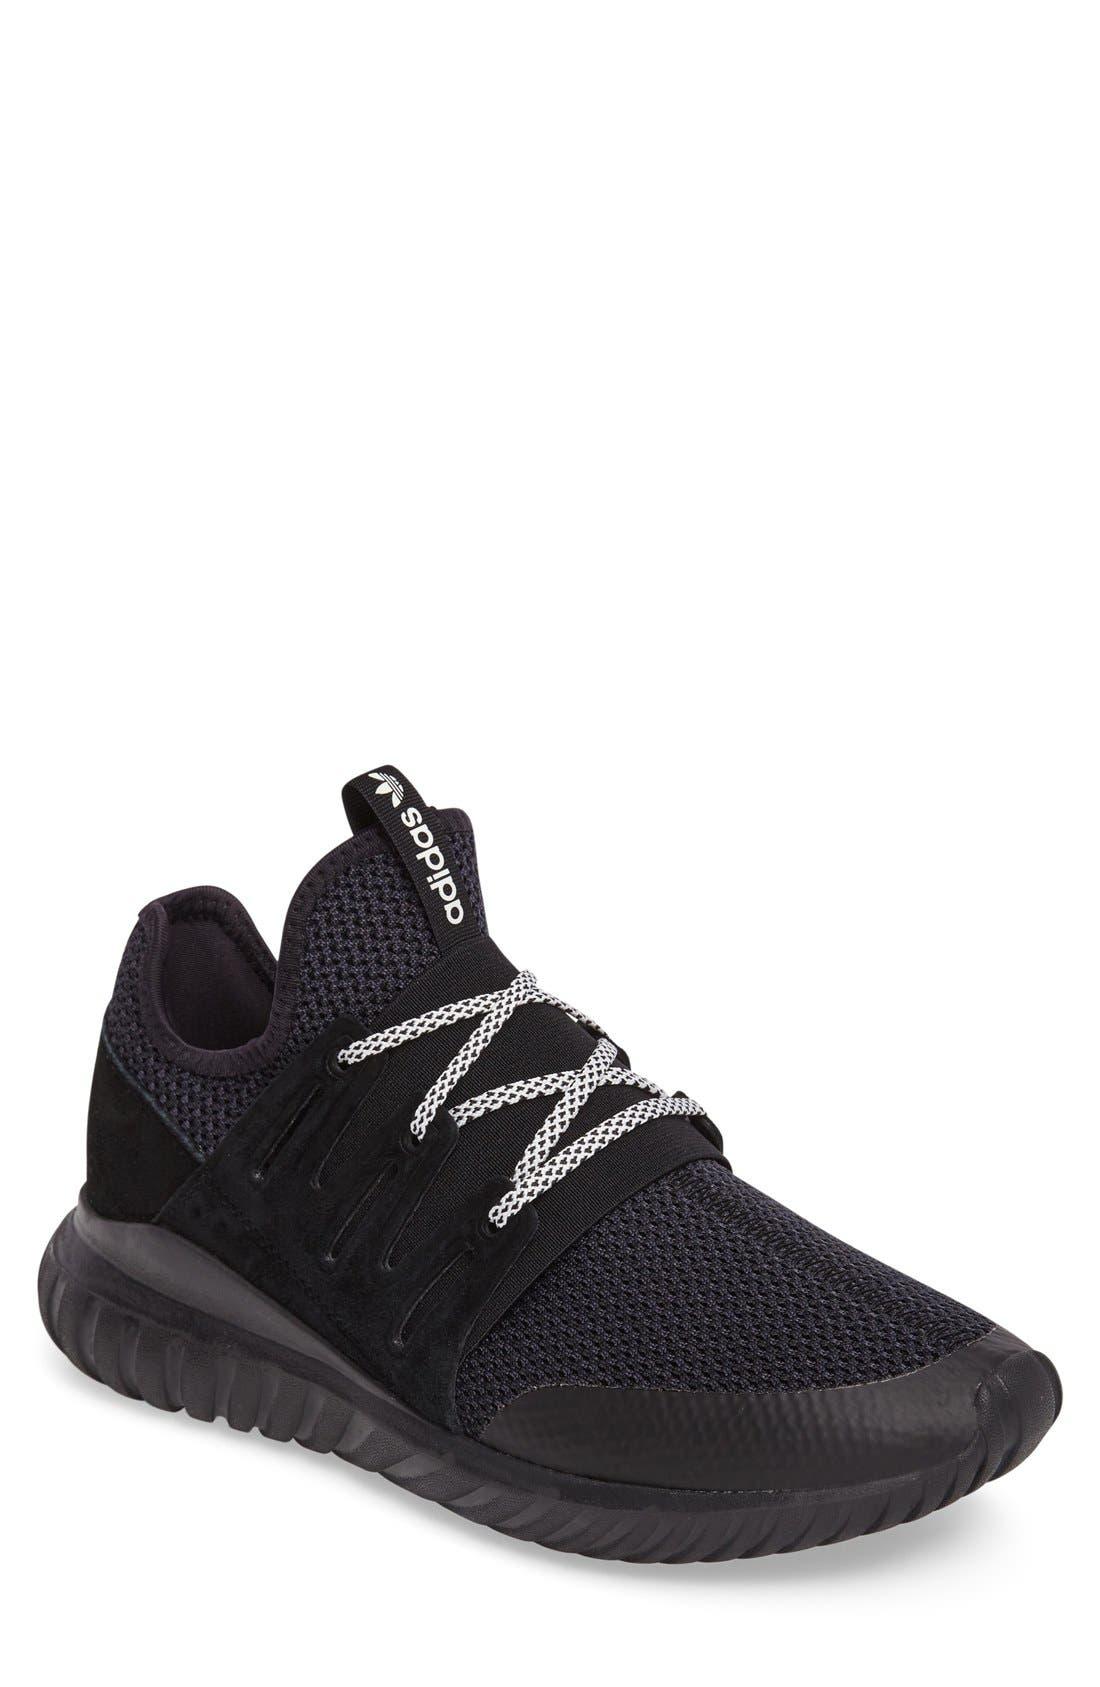 Main Image - adidas 'Tubular Radial' Sneaker (Men)